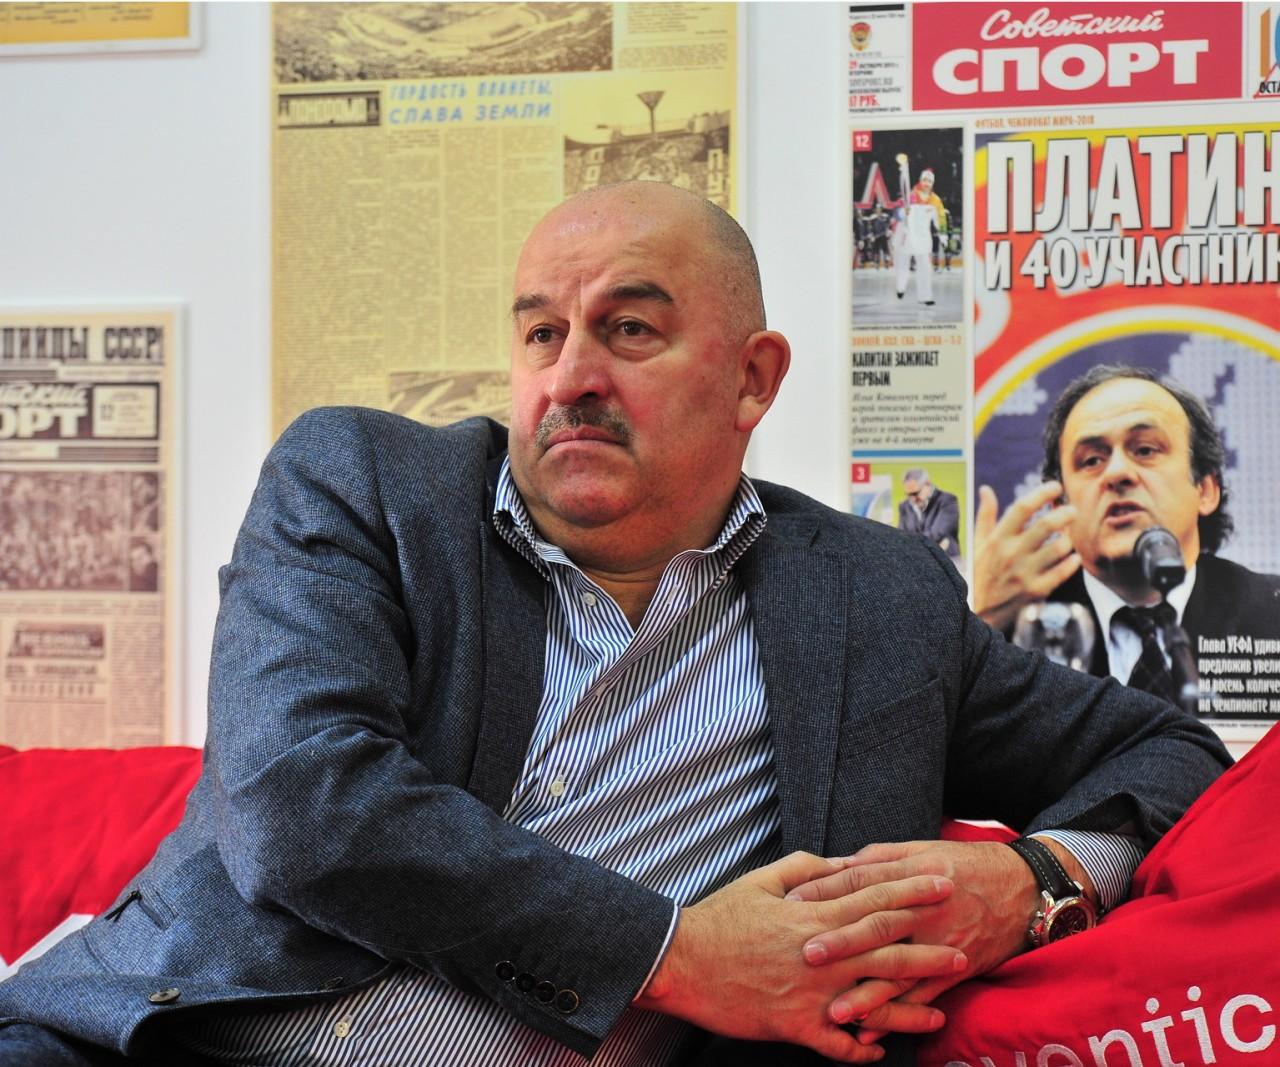 Станислав Черчесов: Дзюба не мог помочь сборной